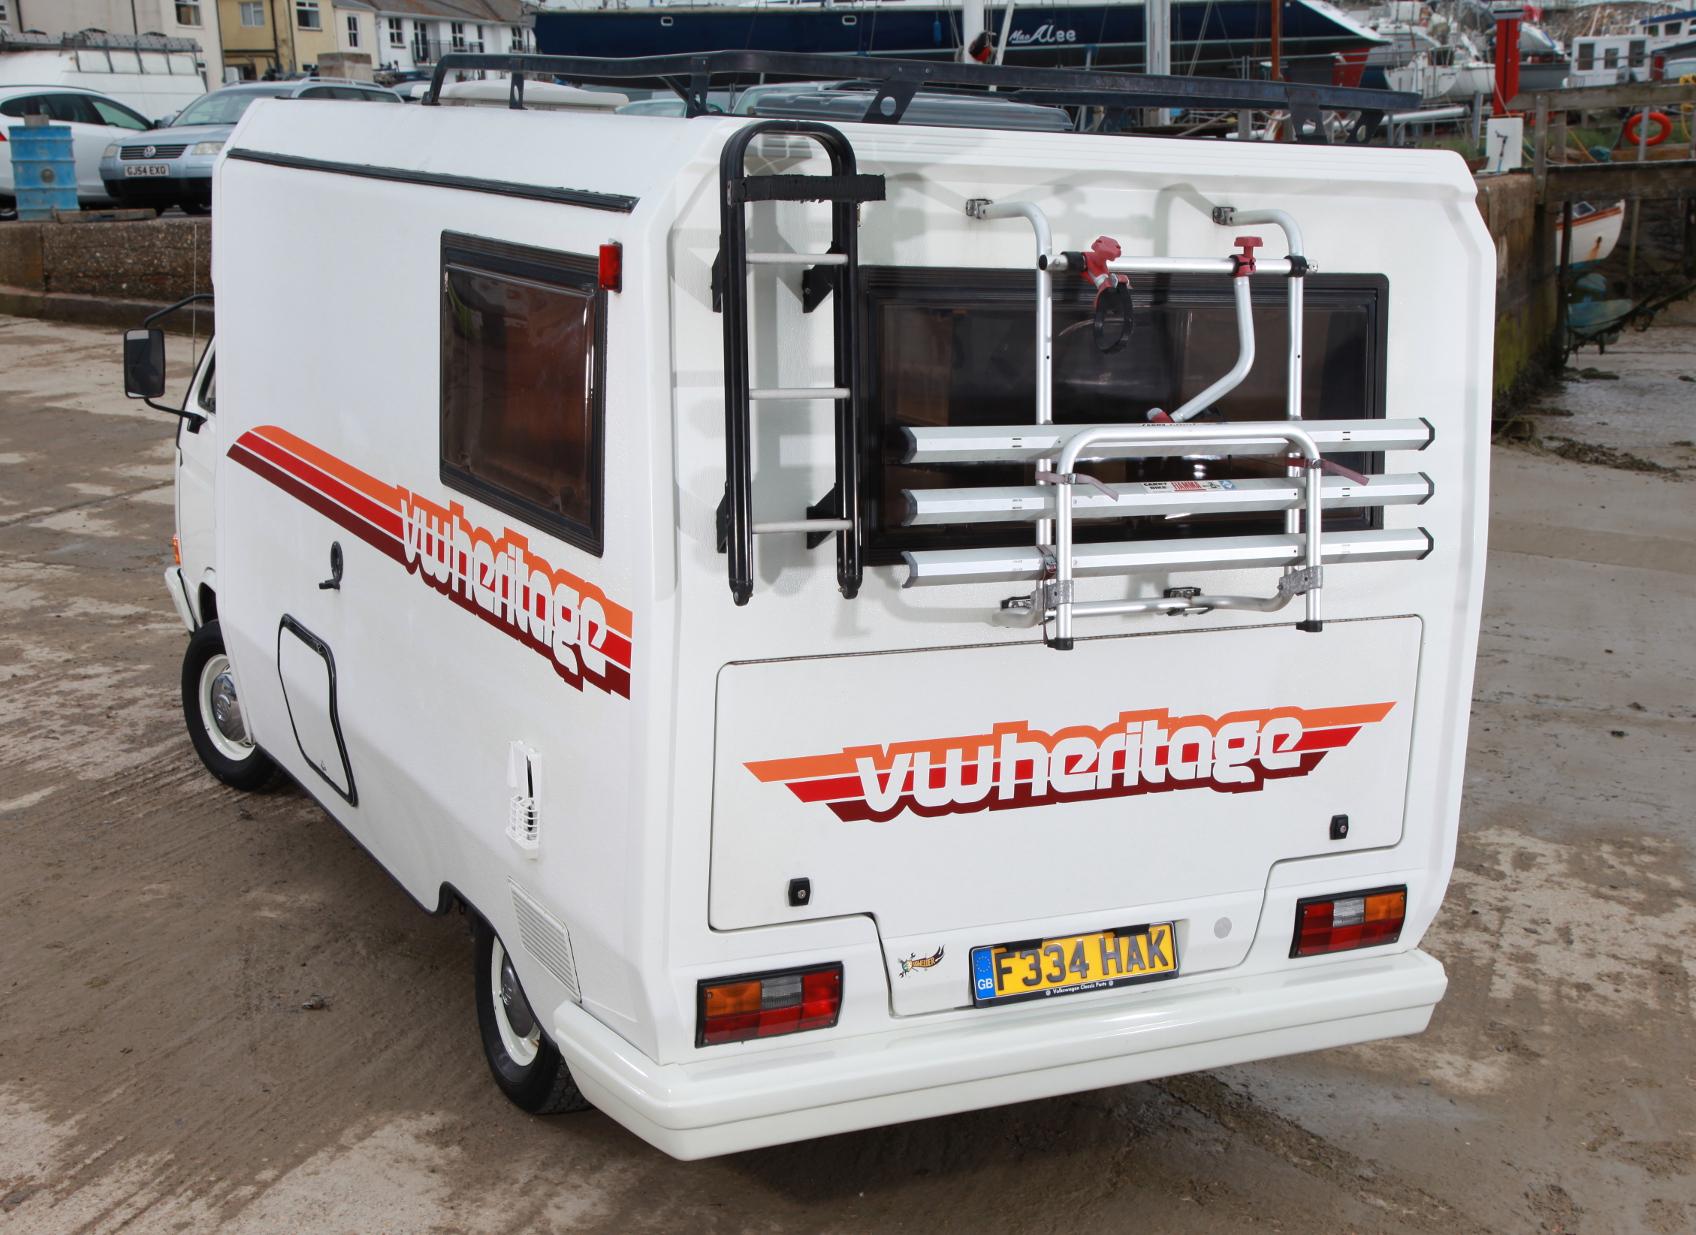 VW Tischer XL65